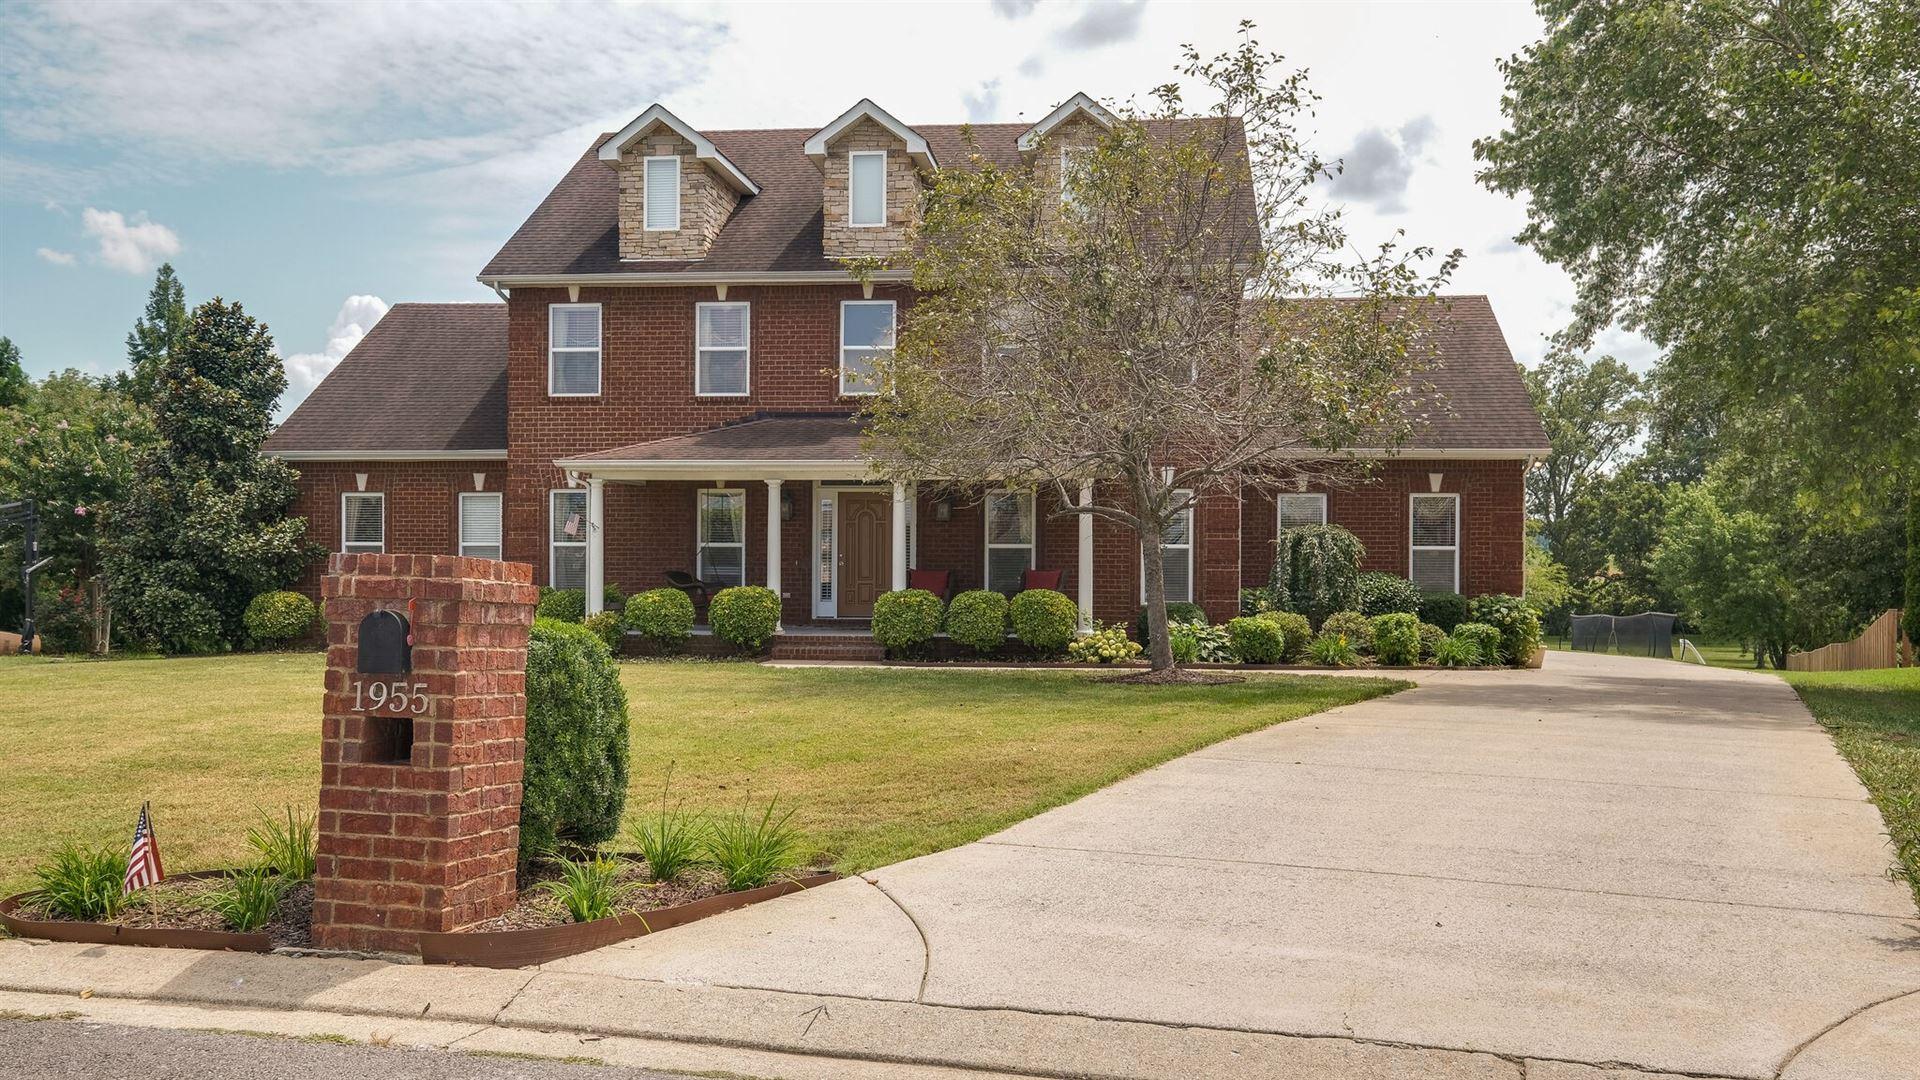 1955 Cliffview Ct, Murfreesboro, TN 37128 - MLS#: 2288032